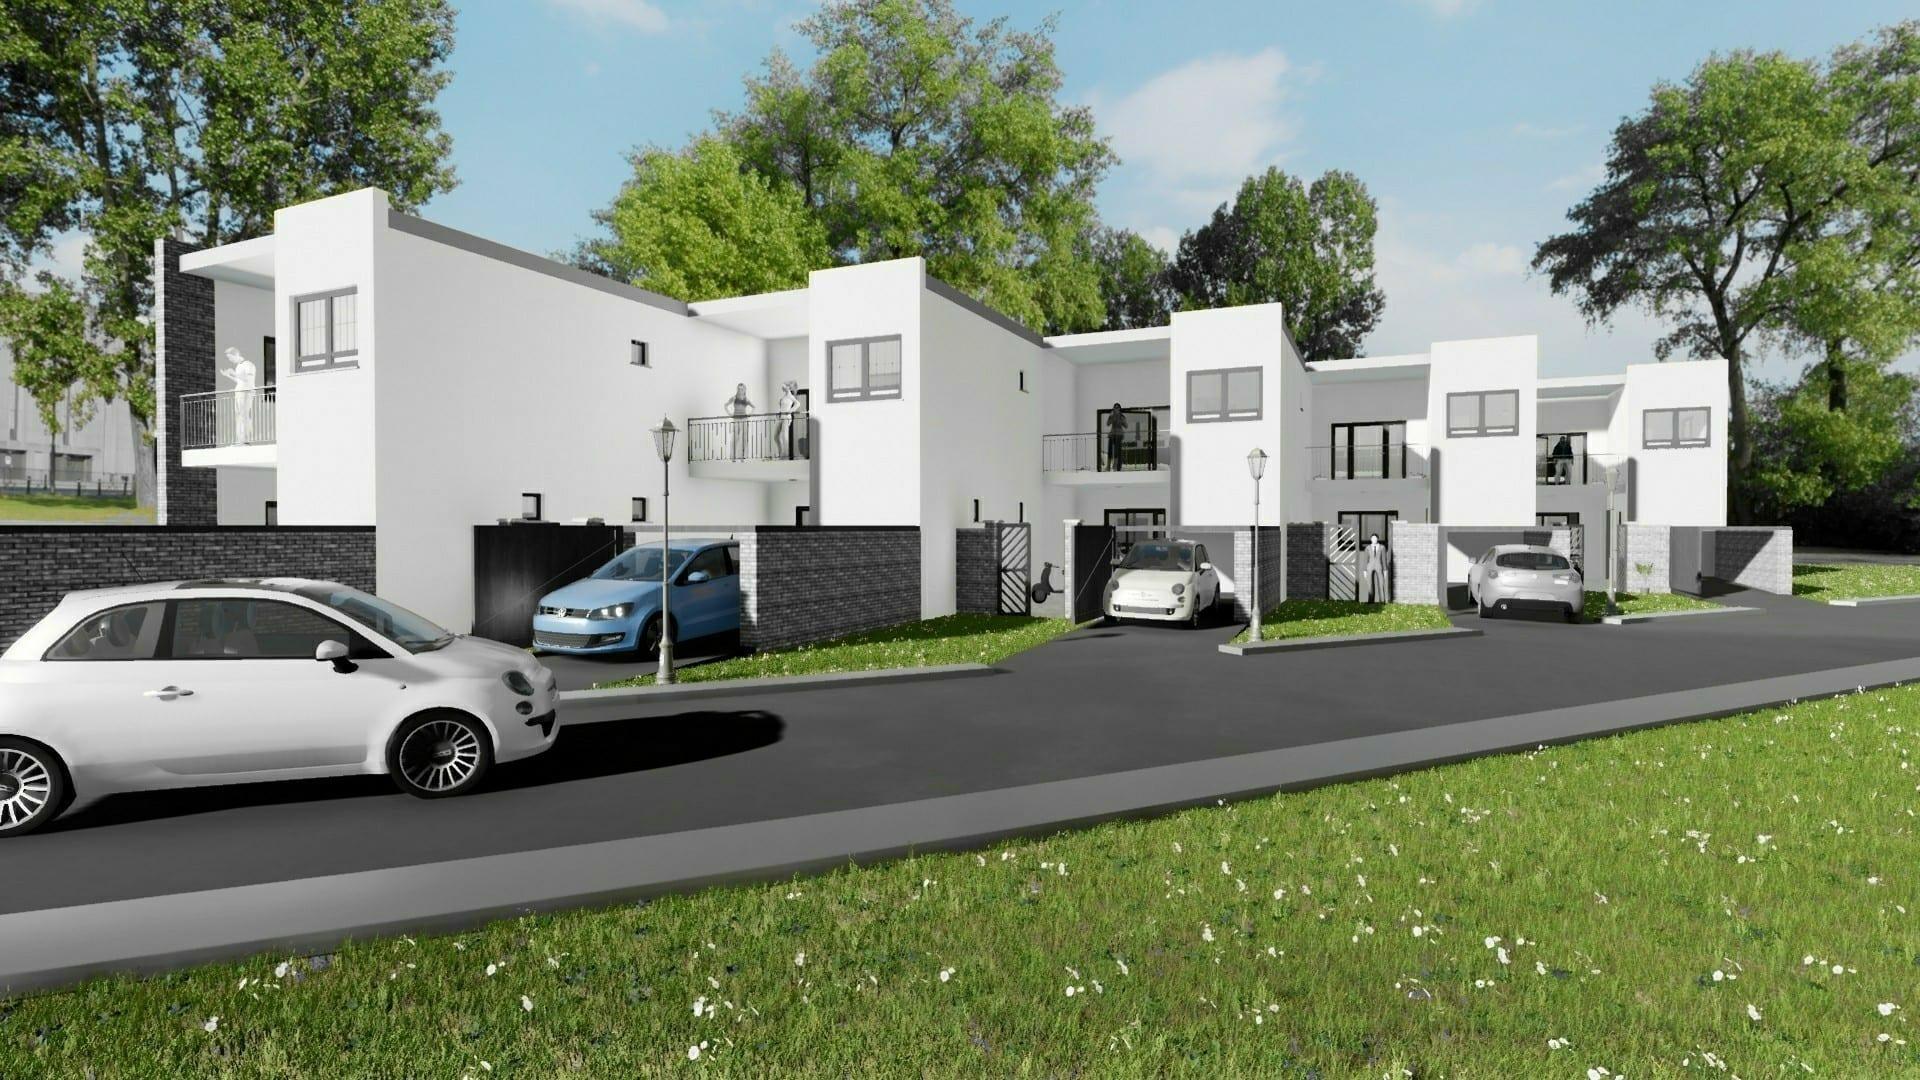 Progetti di case a schiera con patio o giardino: esempi e ...